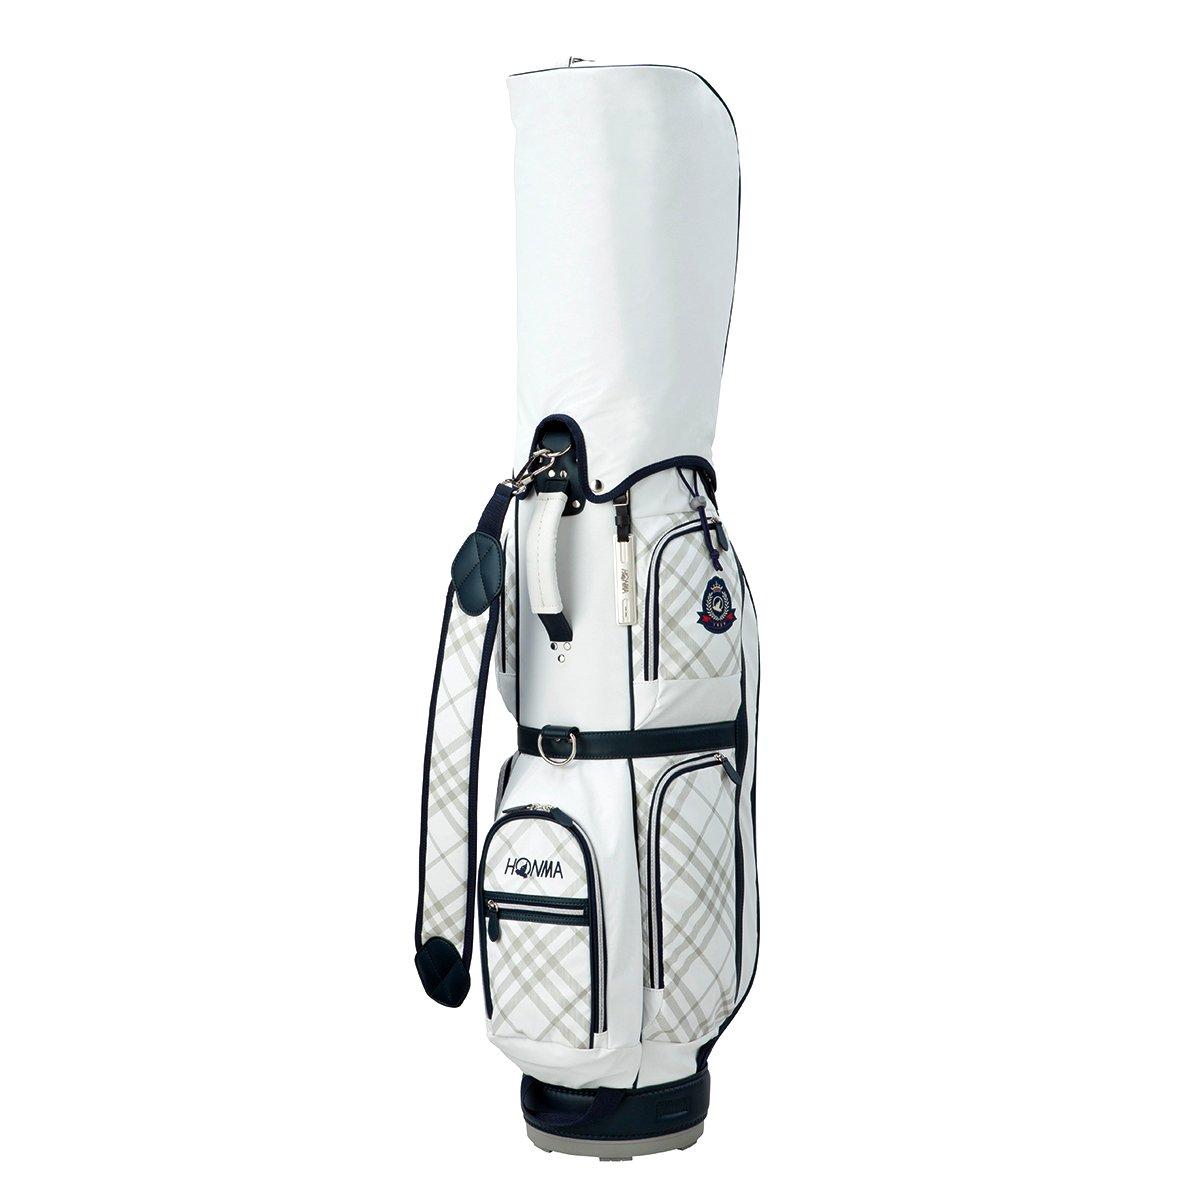 本間ゴルフ HONMA キャディバッグ キャディバッグ CB-6703 レディス B0749GRDKBホワイト